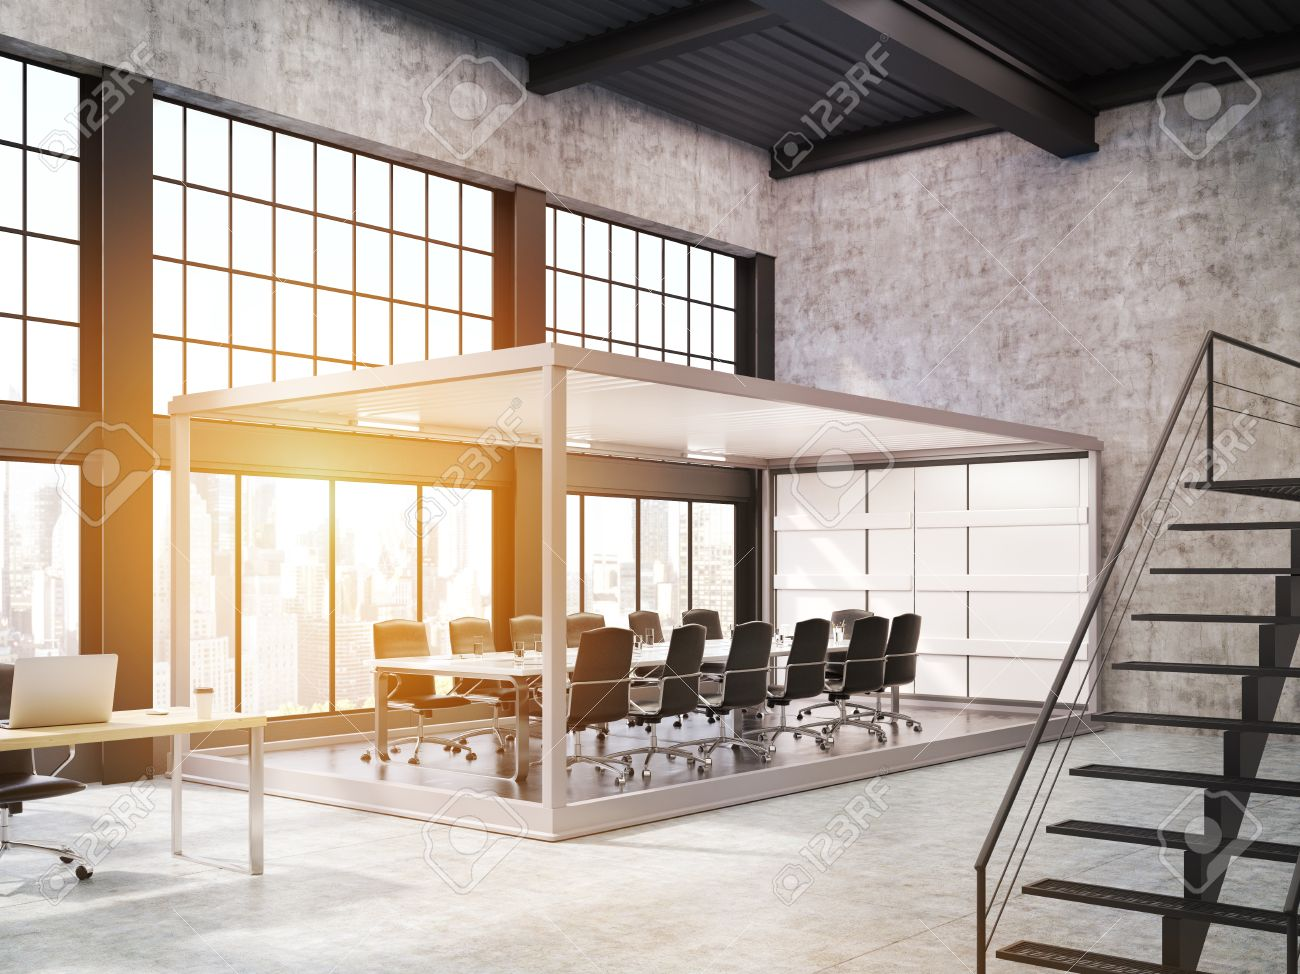 Erstaunlich Aquarium Sitzungsraum Im Offenen Büro Mit Treppe. Konzept Der Modernen  Arbeitsplatz. 3D Rendering